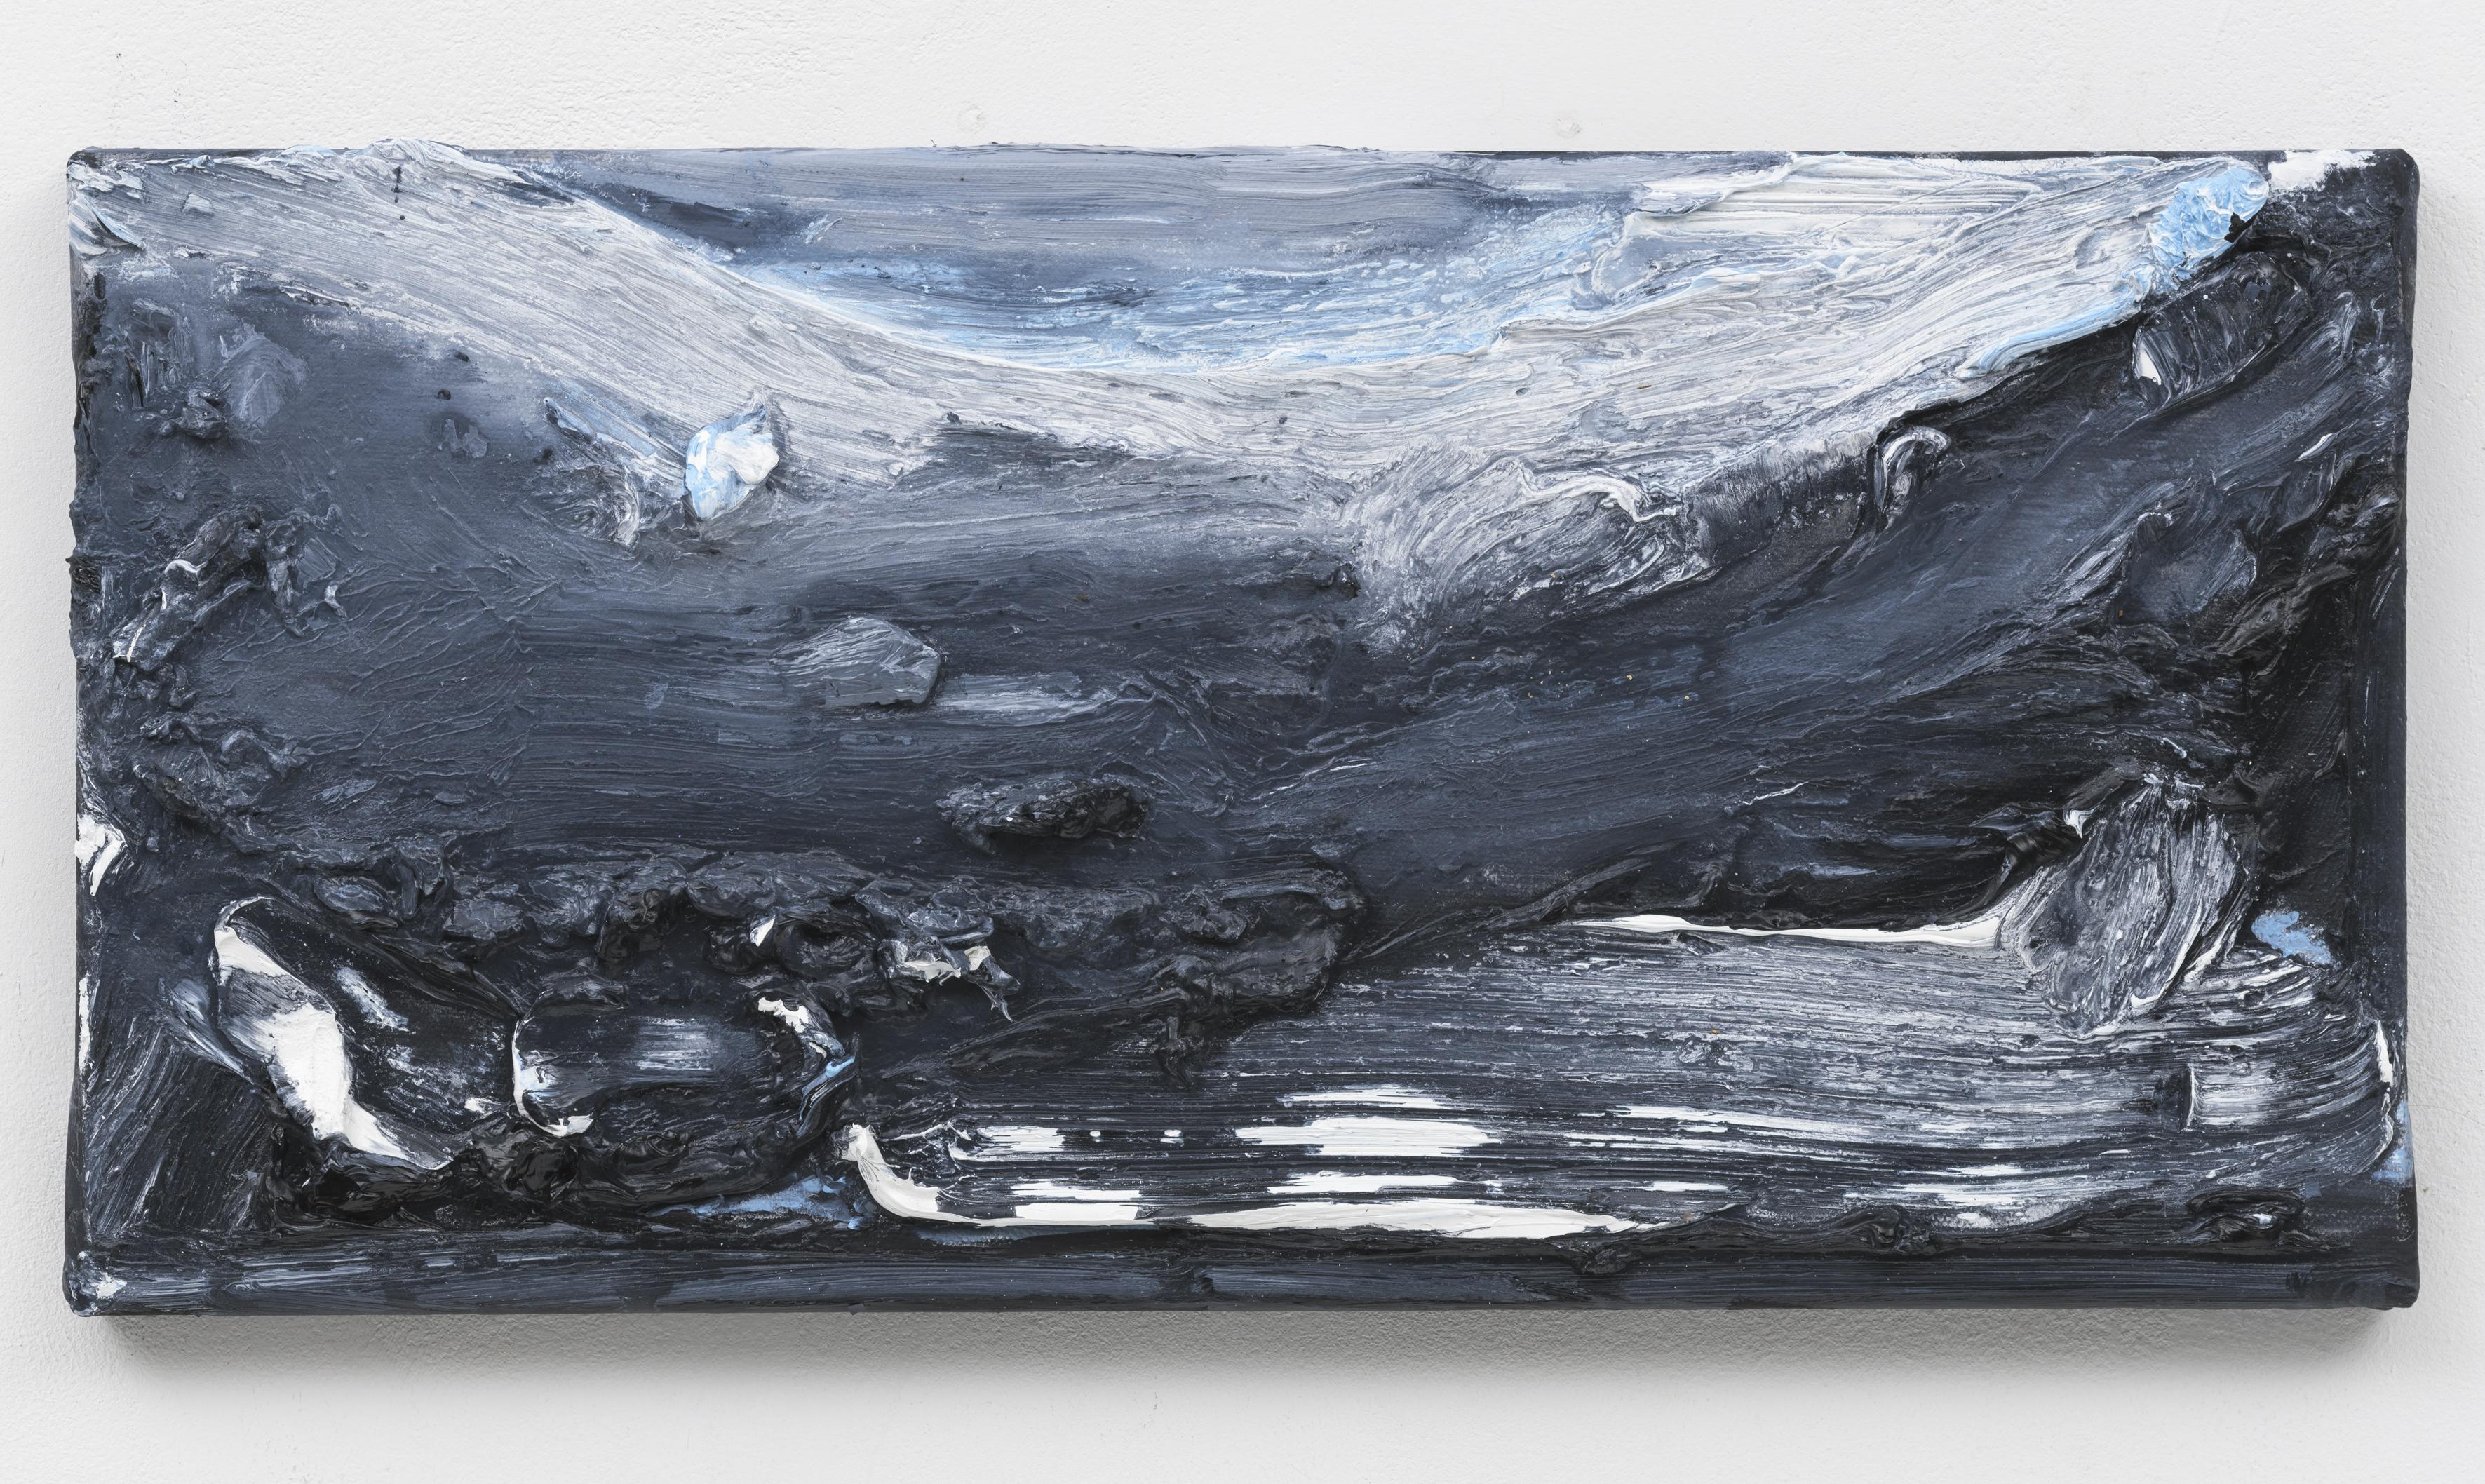 """""""Wanderung IX"""" 20 x 40 cm. oil on linen 2018 (Berlin)"""